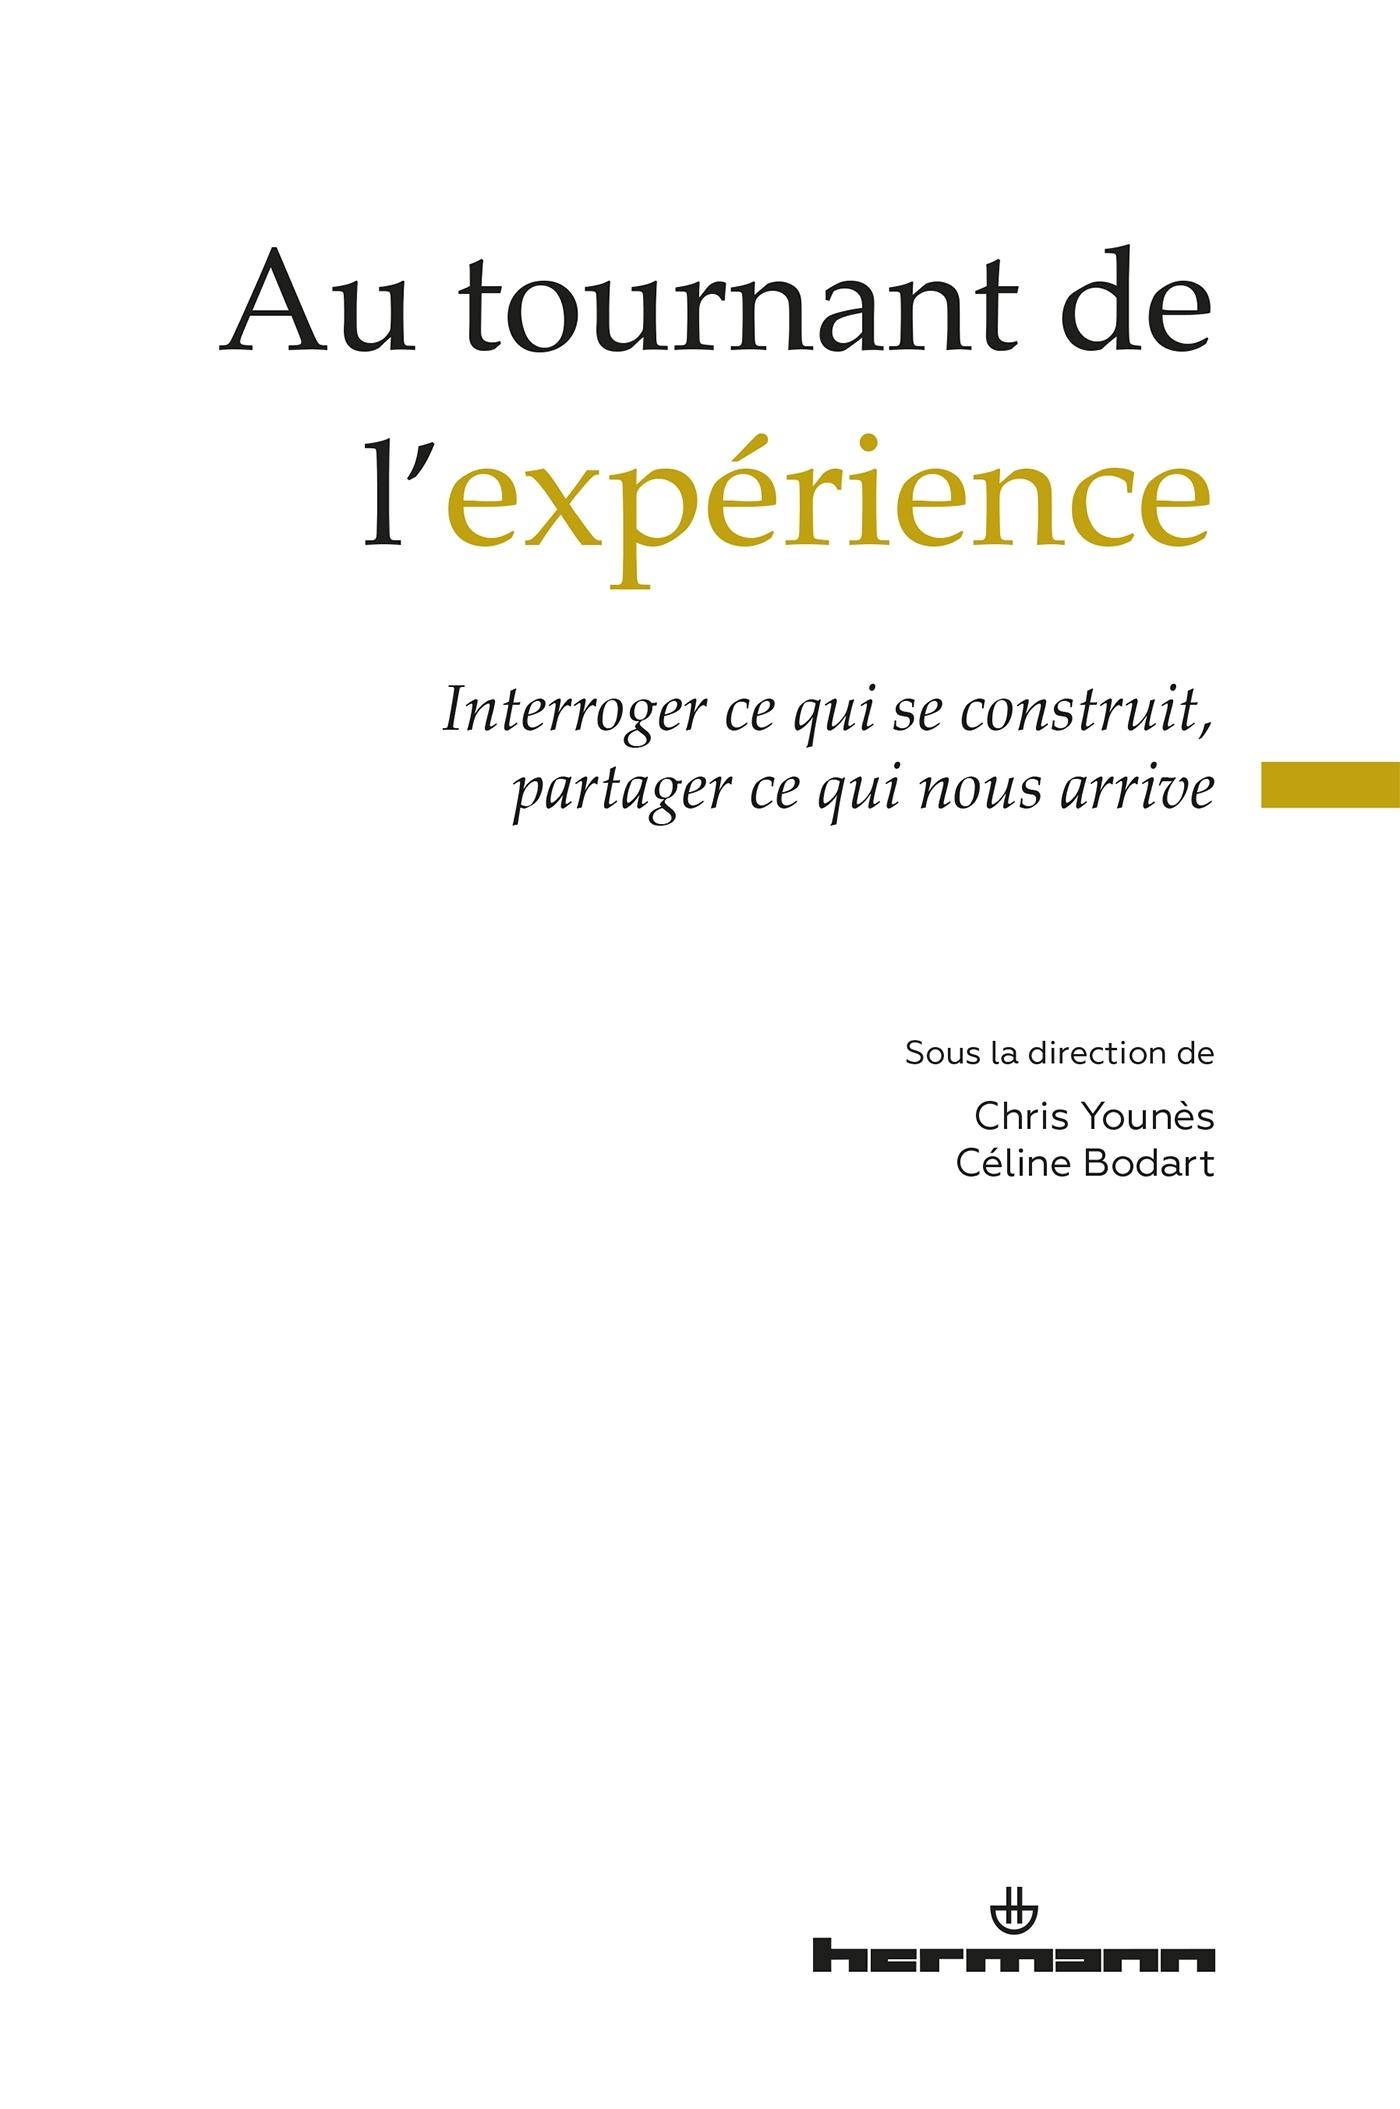 AU TOURNANT DE L'EXPERIENCE - INTERROGER CE QUI SE CONSTRUIT, PARTAGER CE QUI NOUS ARRIVE